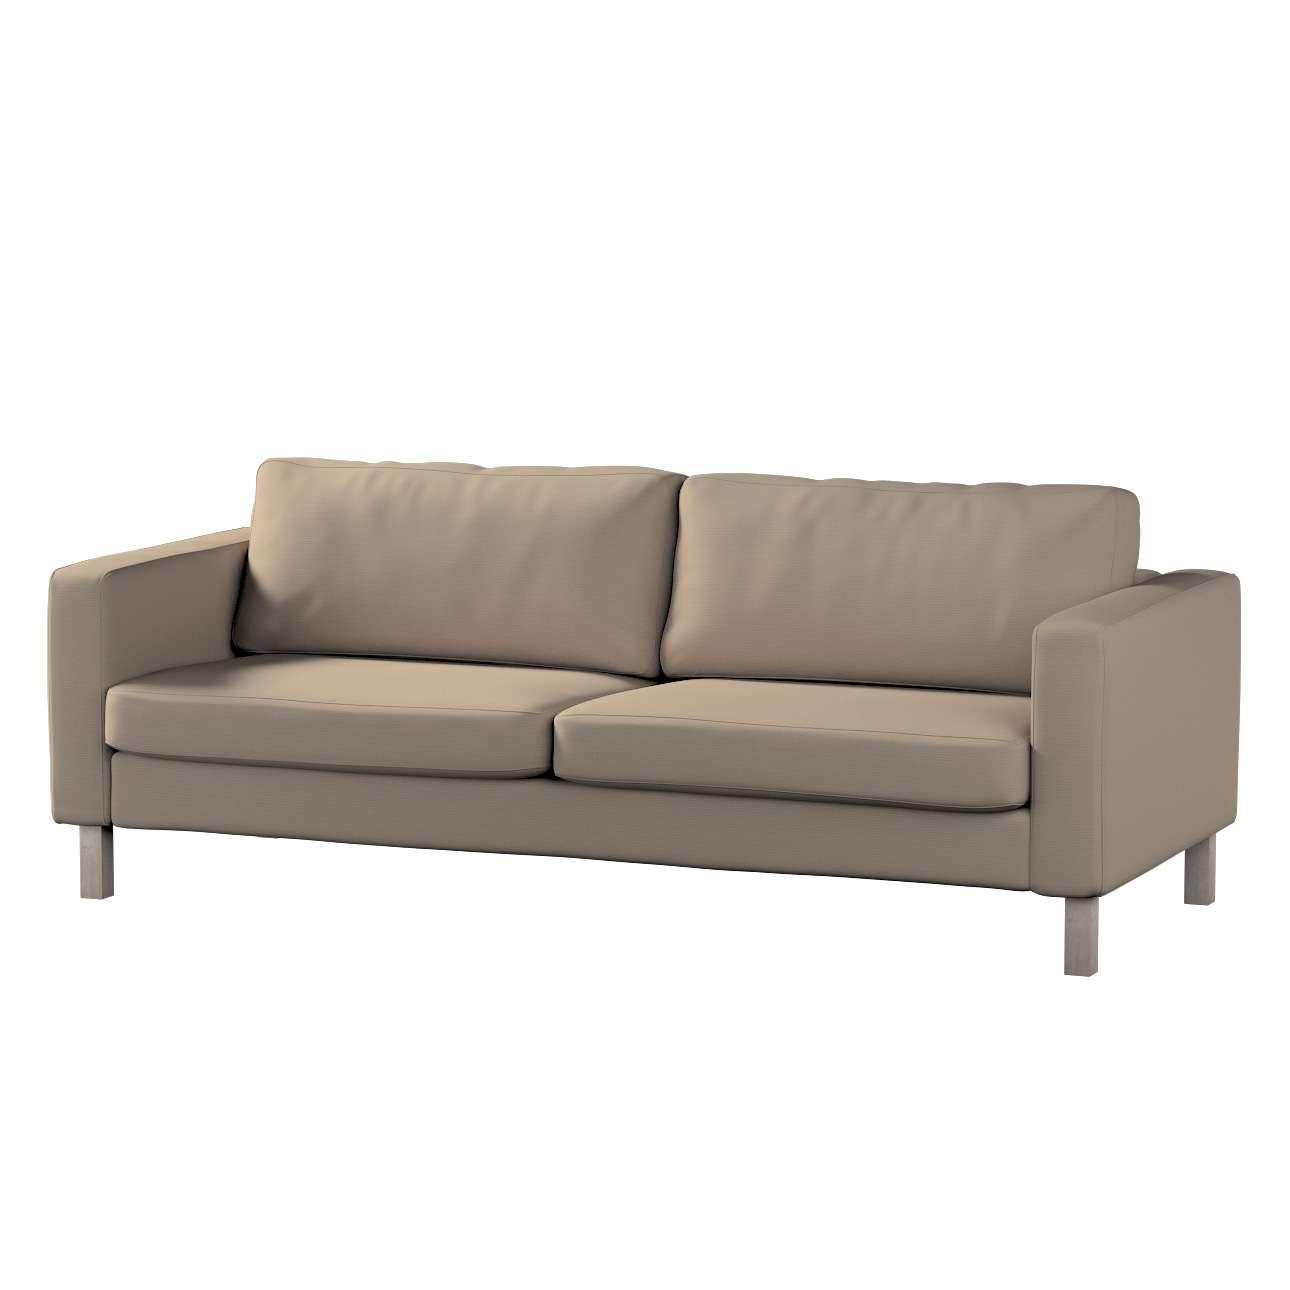 Pokrowiec na sofę Karlstad rozkładaną, krótki Sofa Karlstad 3-os rozkładana w kolekcji Cotton Panama, tkanina: 702-28